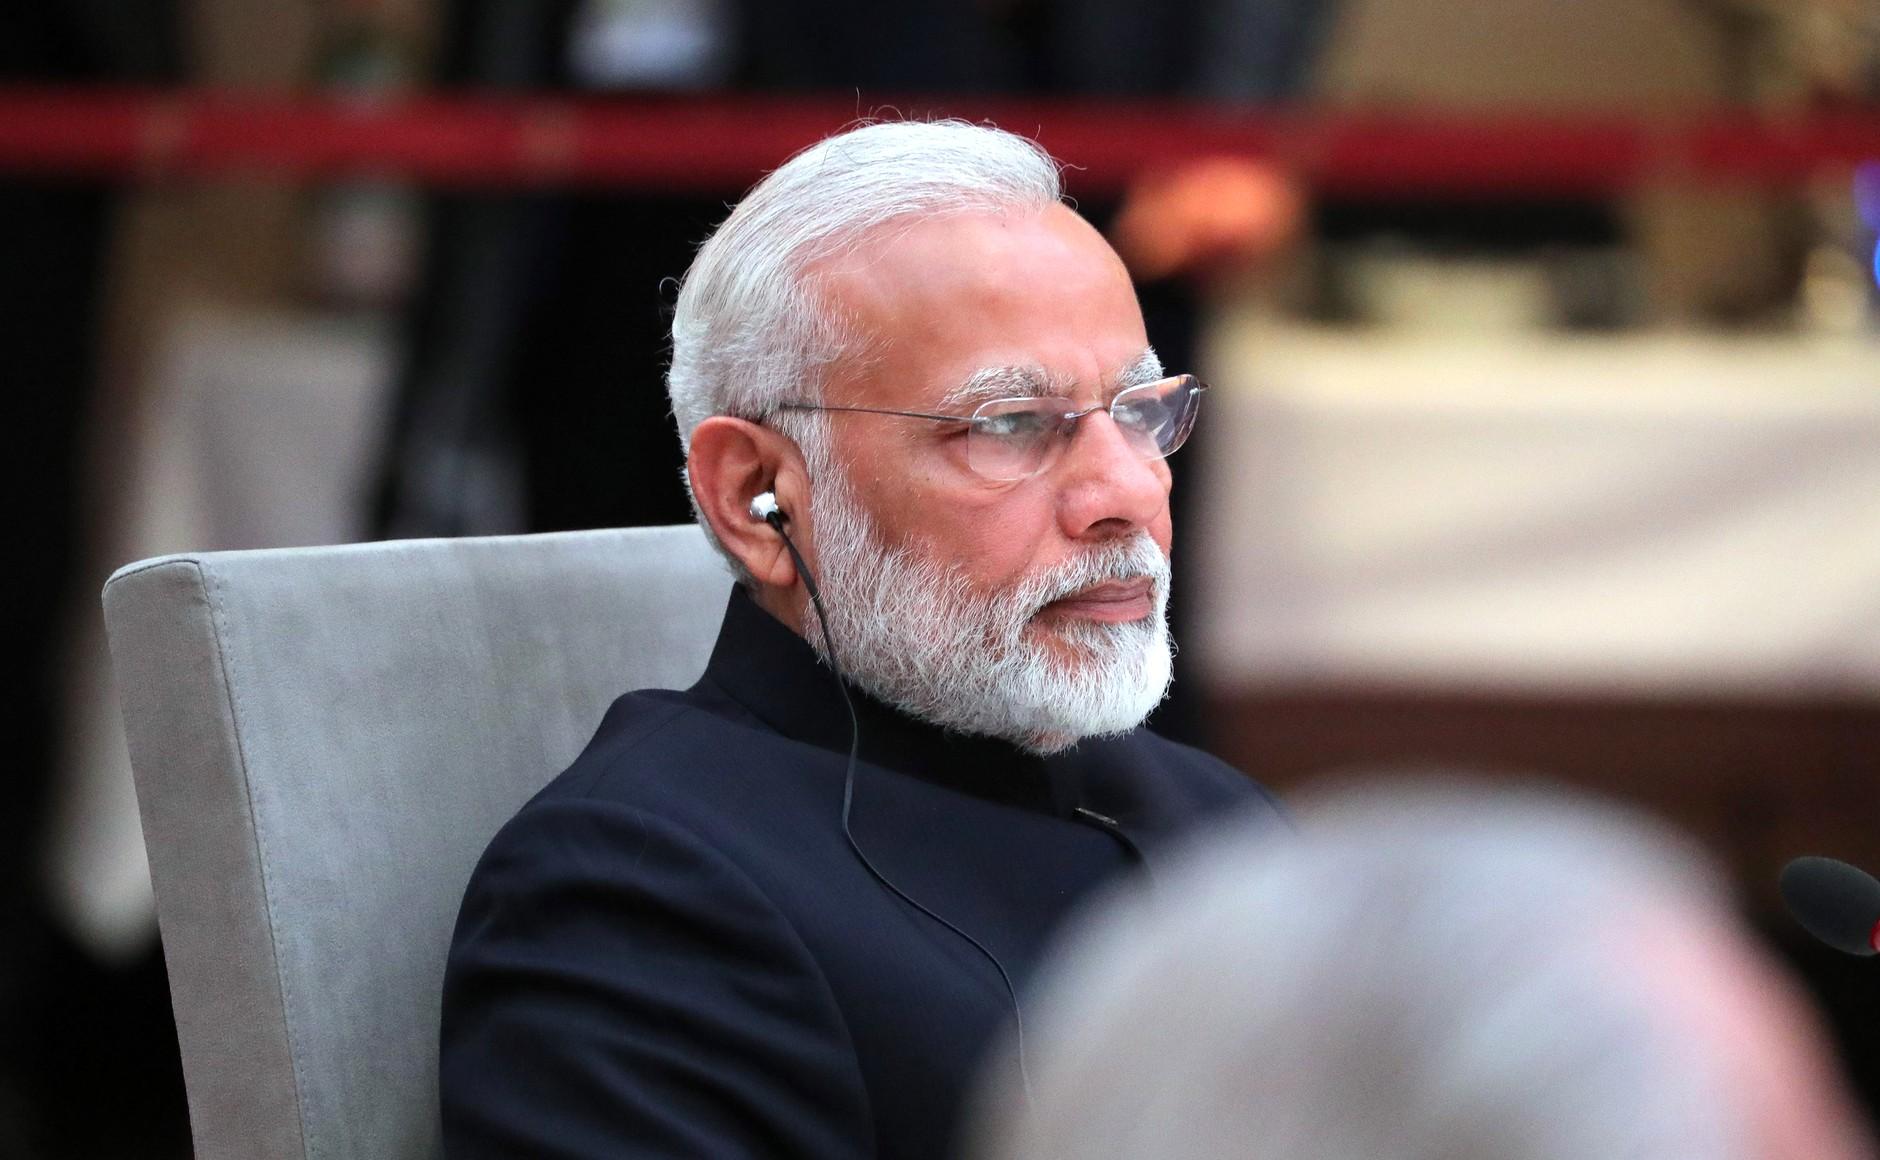 राजीव गांधी का जिक्र कर मोदी का कांग्रेस पर बड़ा हमला, बोले- INS विराट को बना दिया था प्राइवेट टैक्सी: